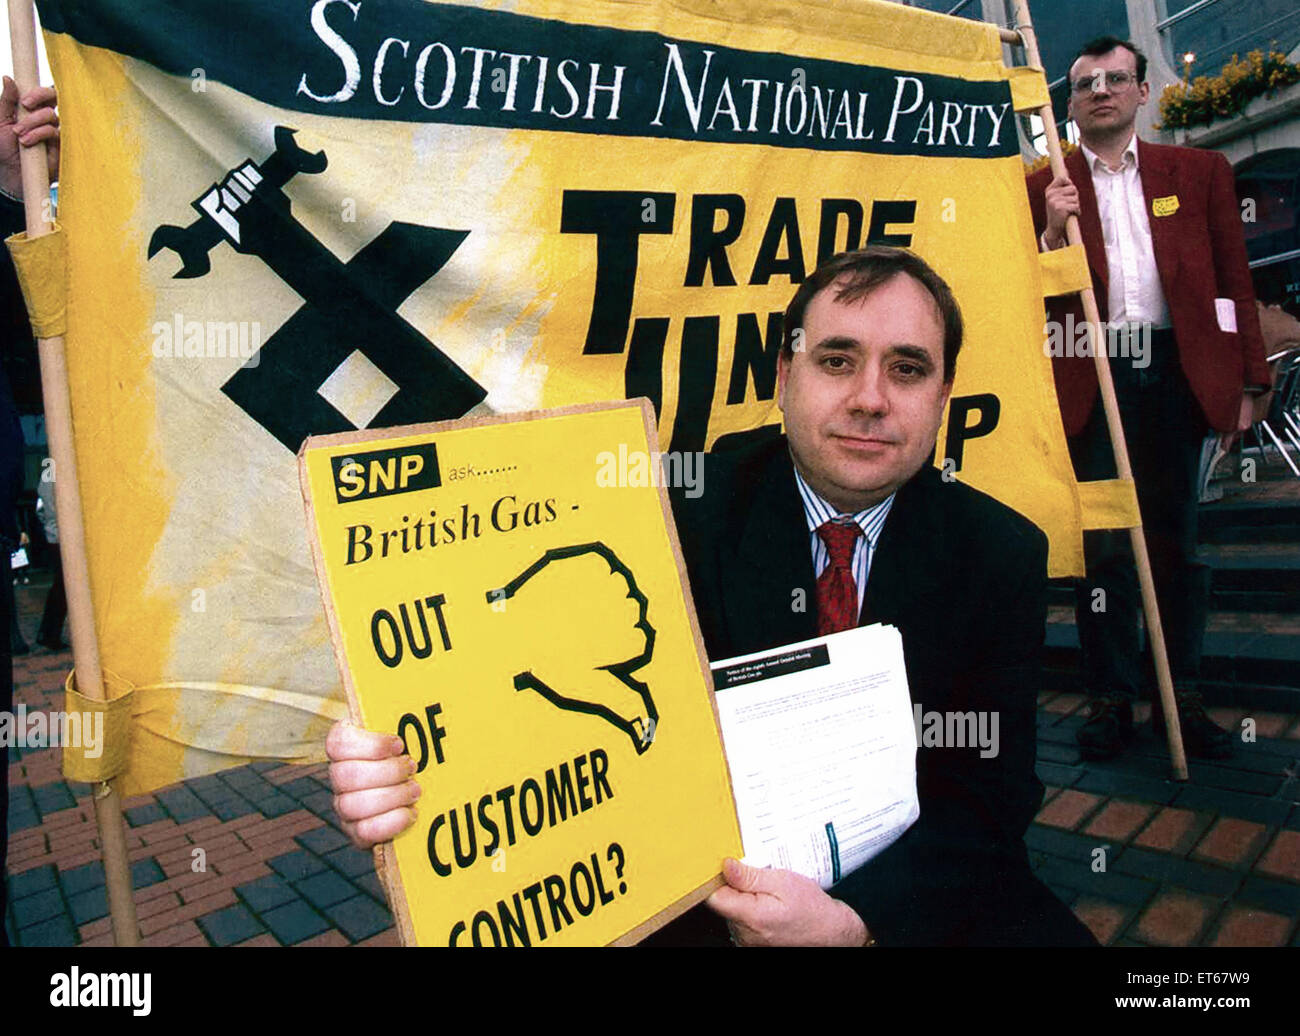 Alex Salmond lors de la démo de SNP à la CPI à Birmingham. 28 avril 1994. Photo Stock